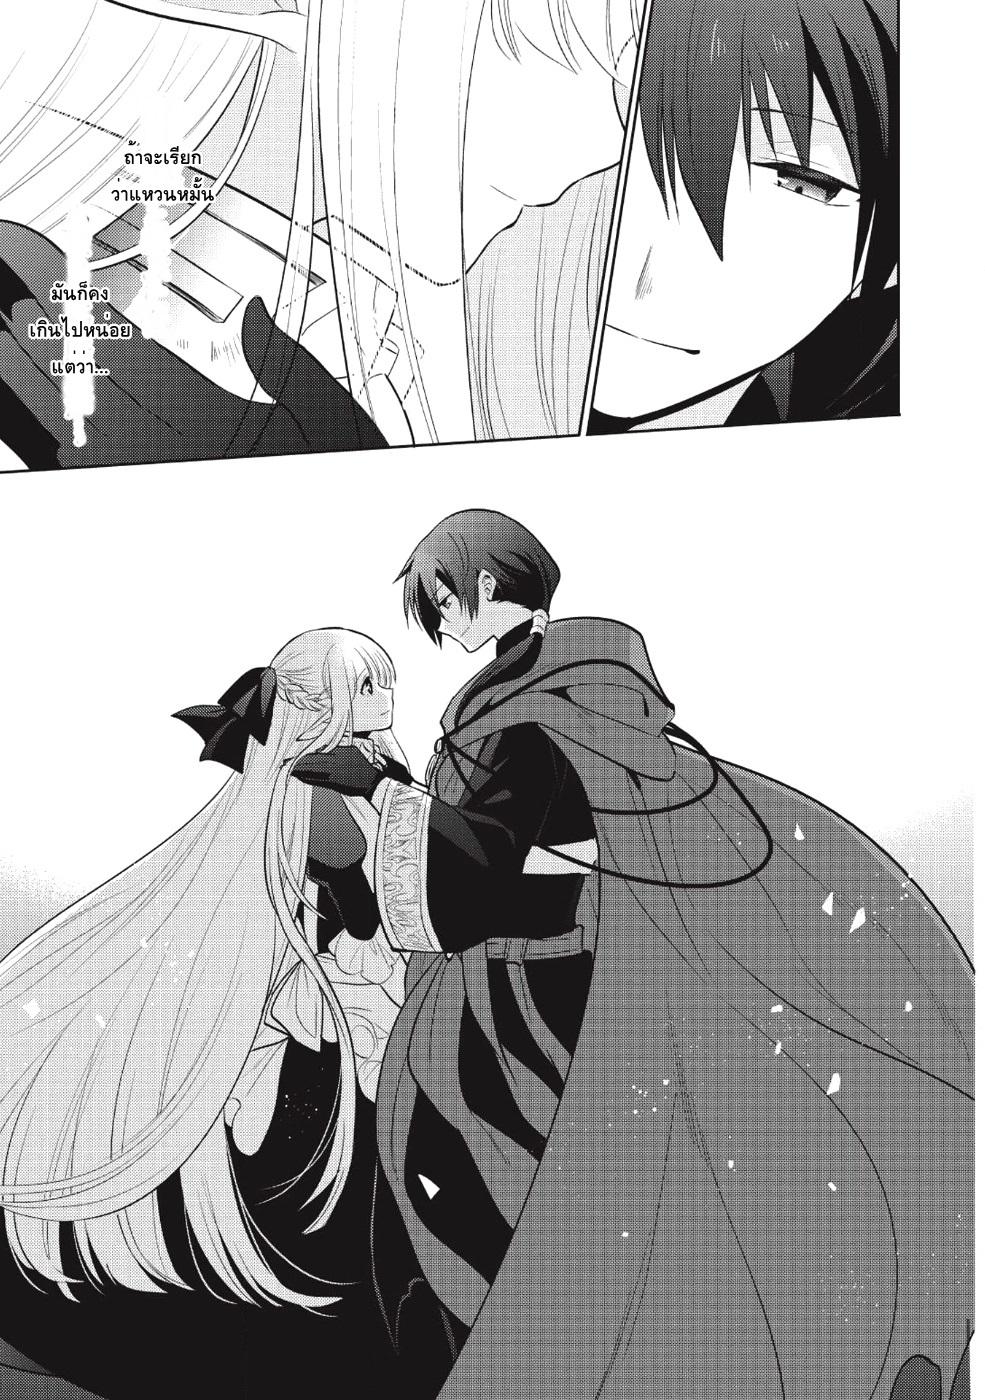 อ่านการ์ตูน Maou no Ore ga Dorei Elf wo Yome ni Shitanda ga Dou Medereba Ii ตอนที่ 13 หน้าที่ 20